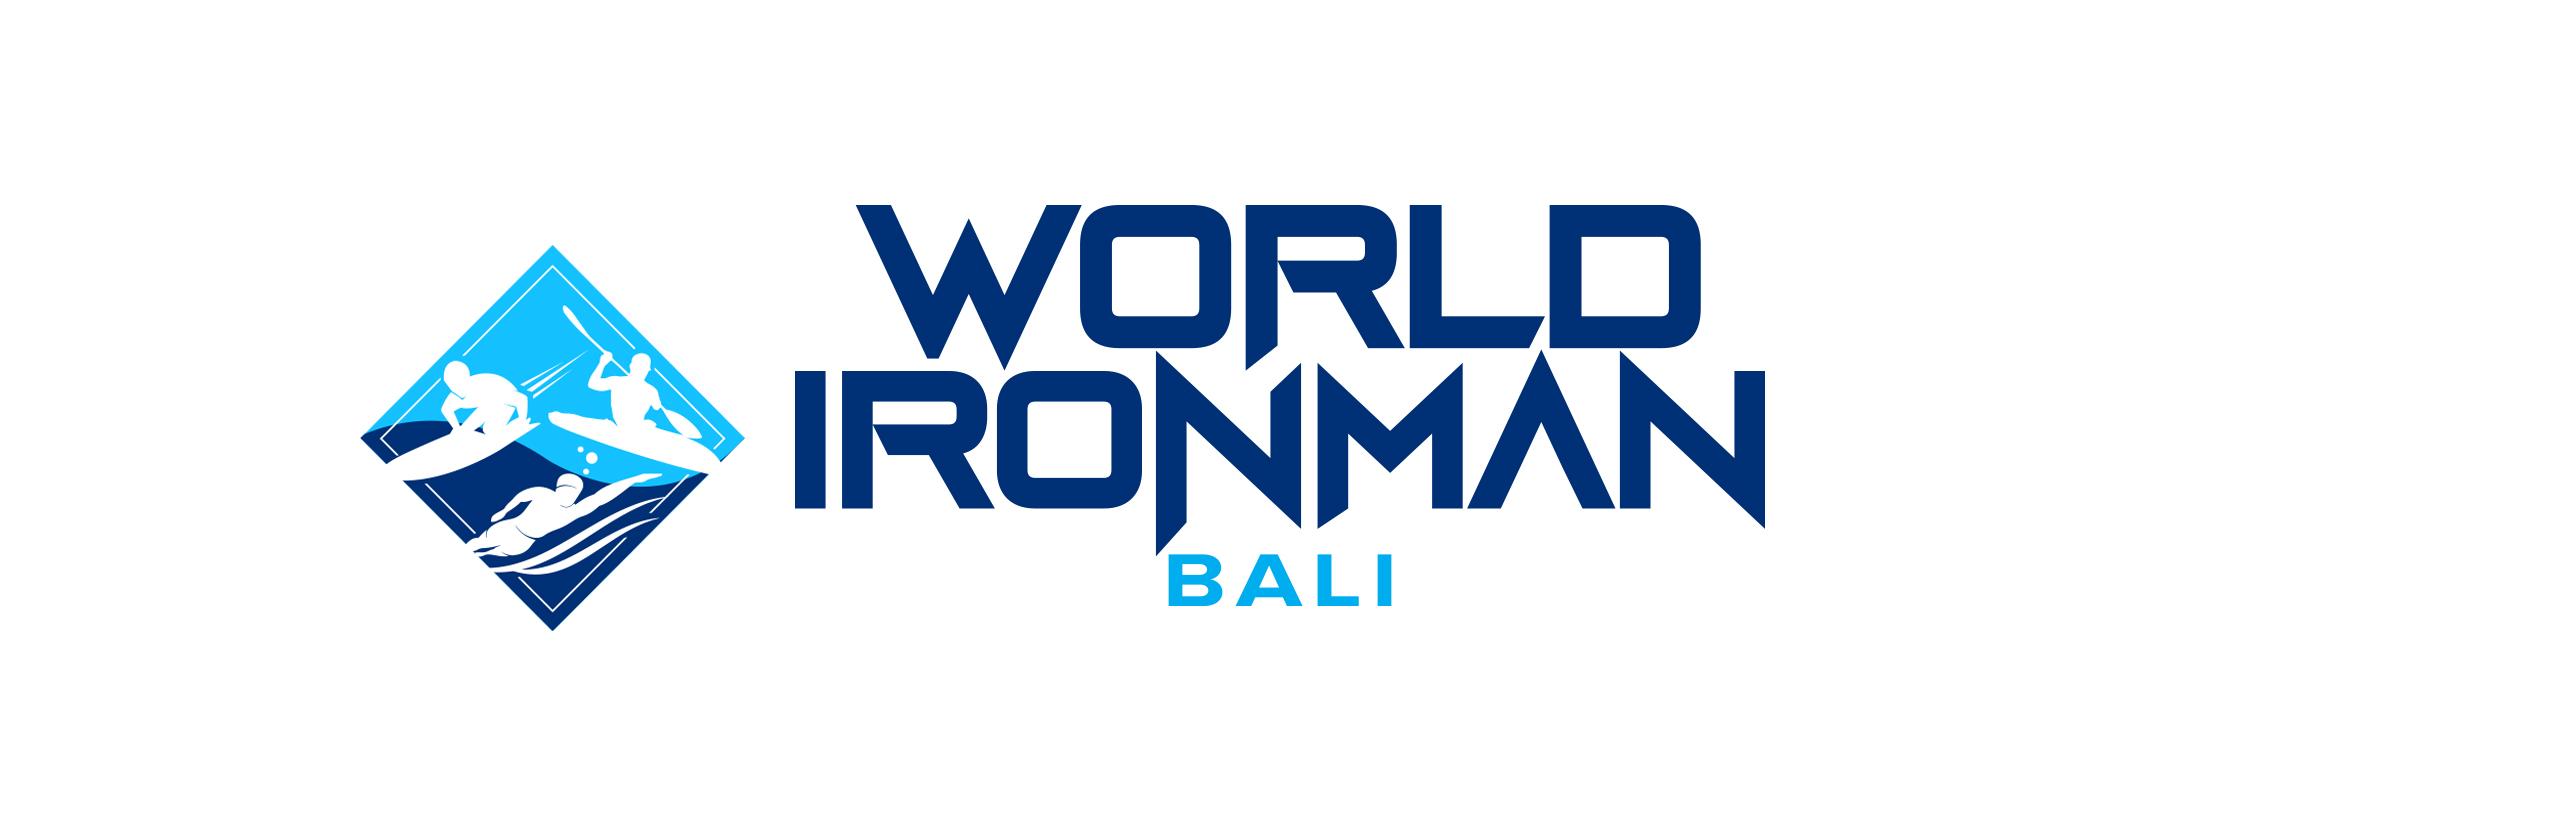 world-ironman-banner-3.jpg